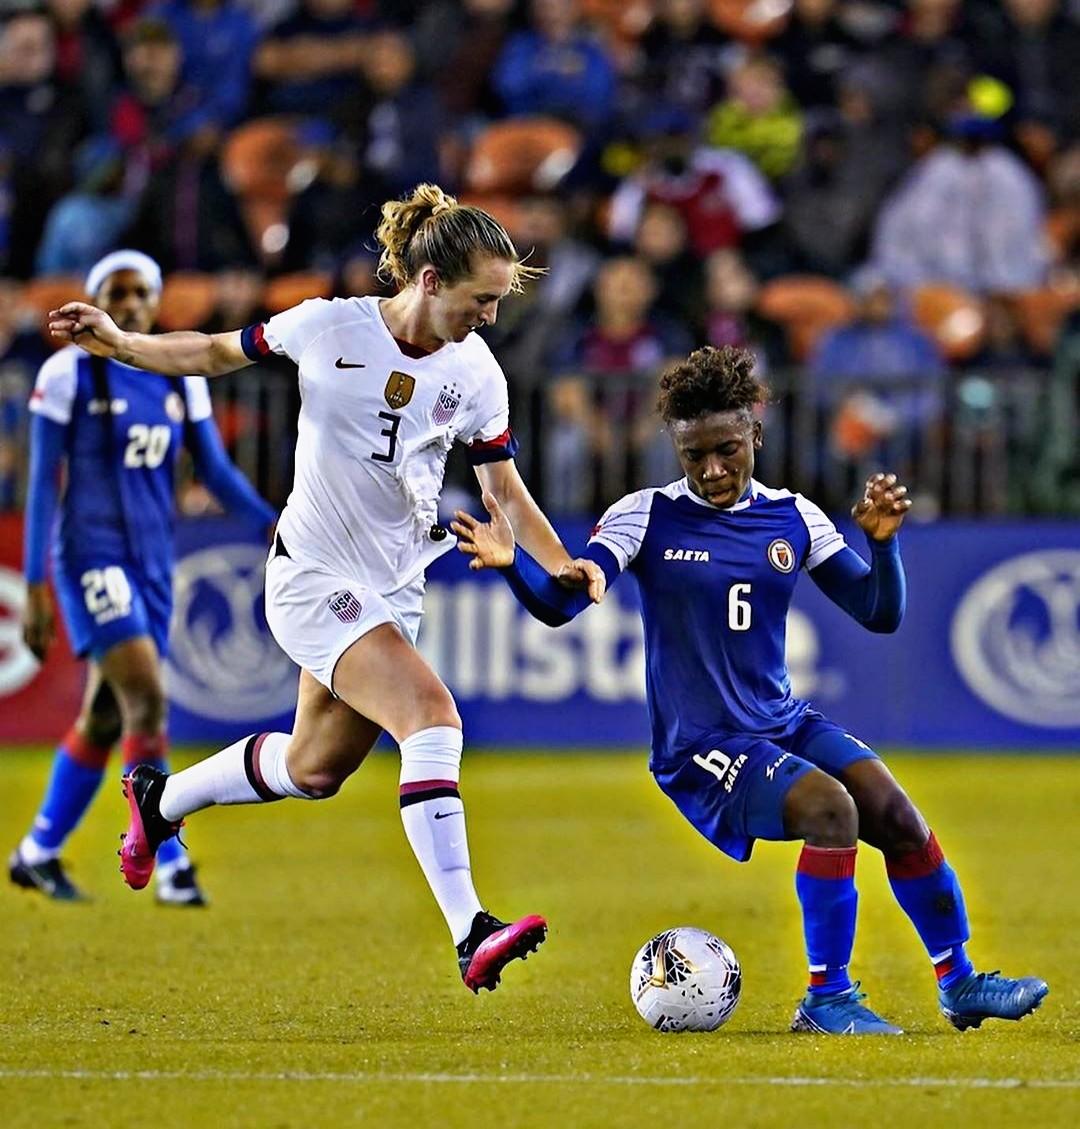 Melchie Dumornay aux prise avec une joueuse américaine. Photo Instagram Fédération américaine de football